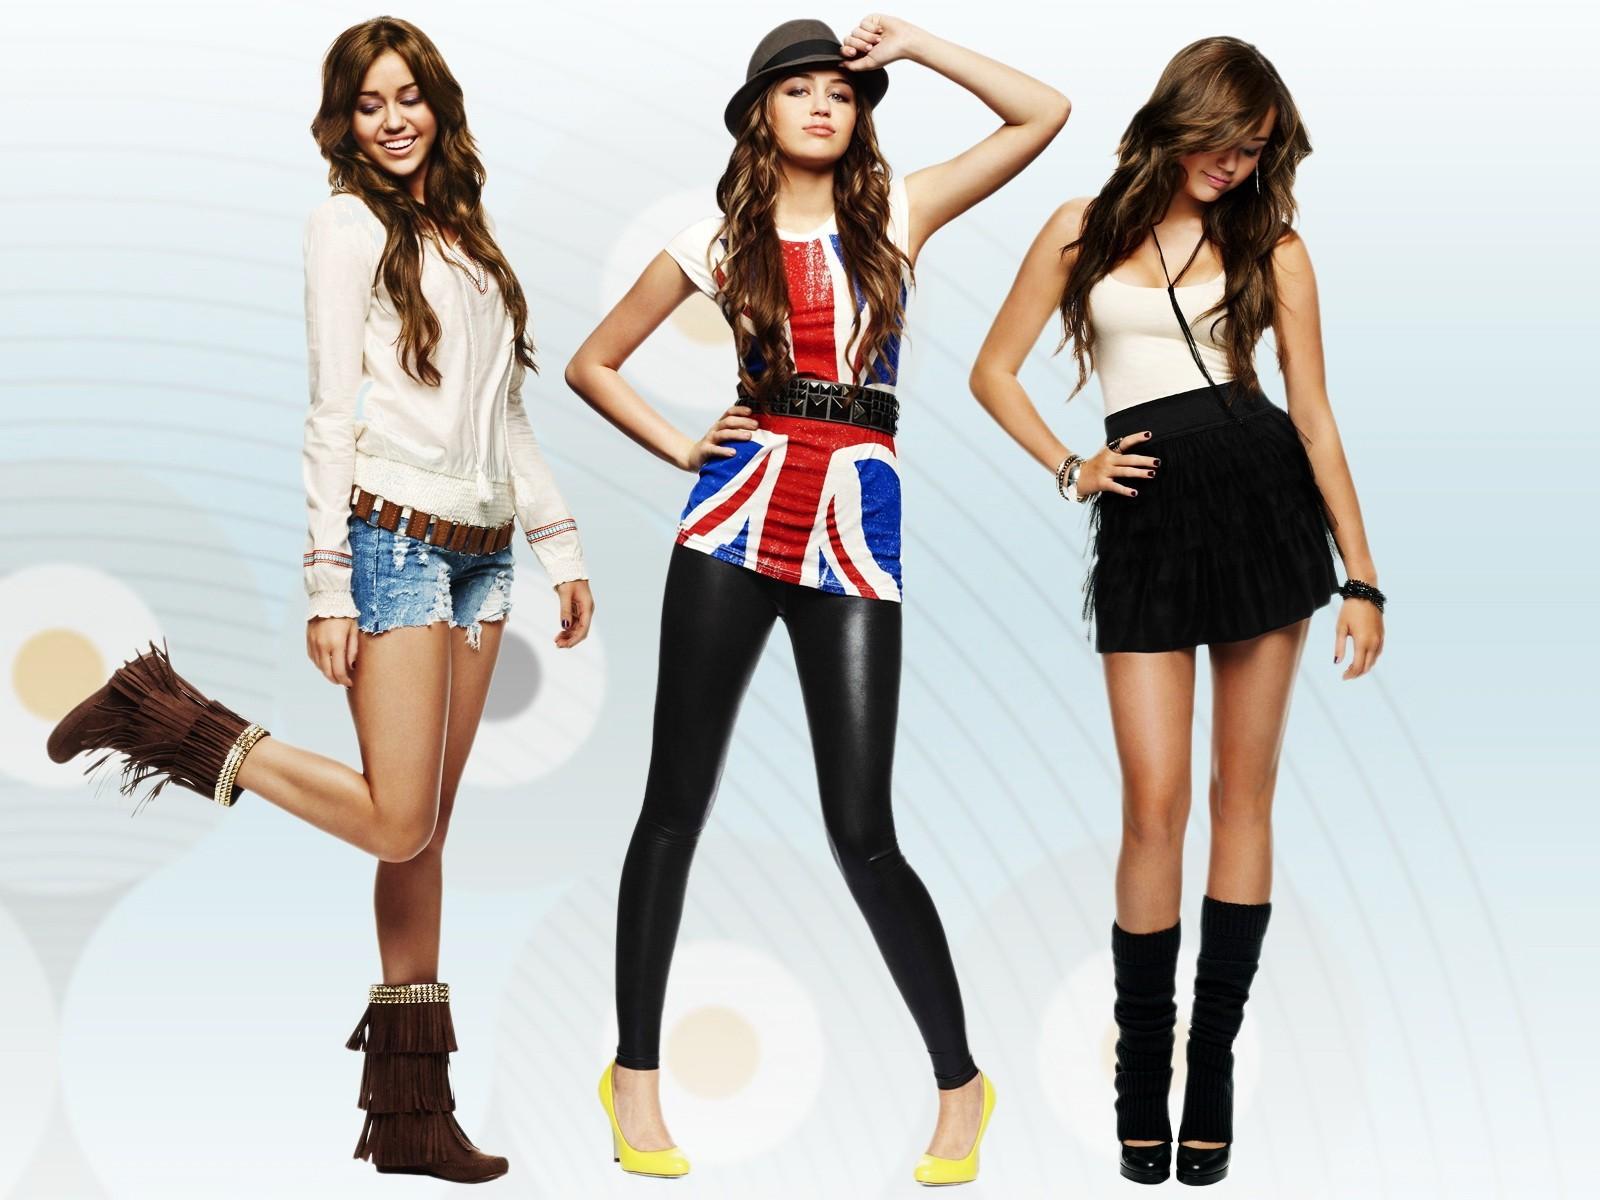 Красиво и модно одетые девушки